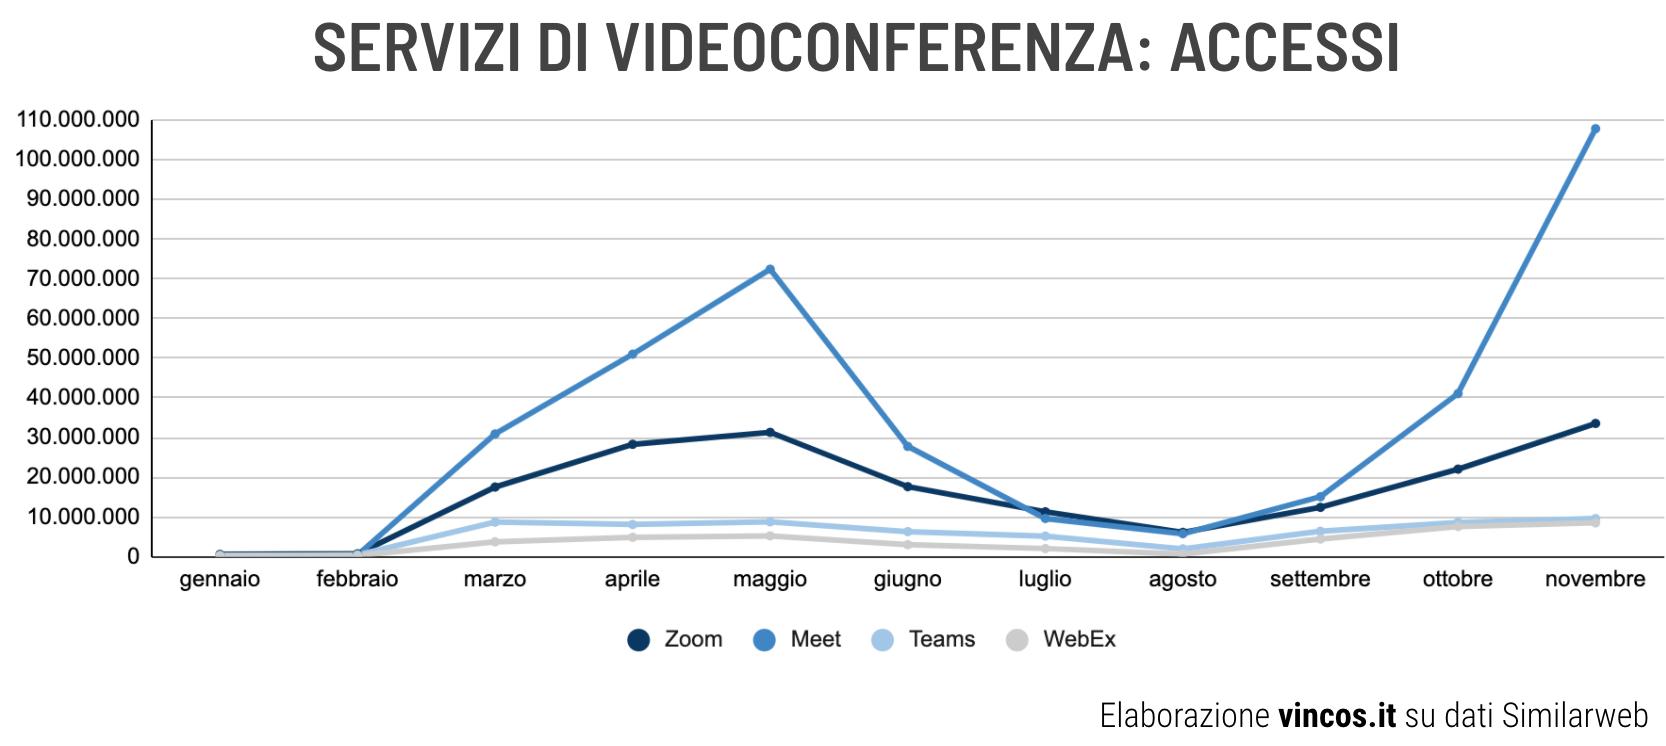 accessi ai servizi di videoconferenza e collaborazione in italia, pandemia 2020